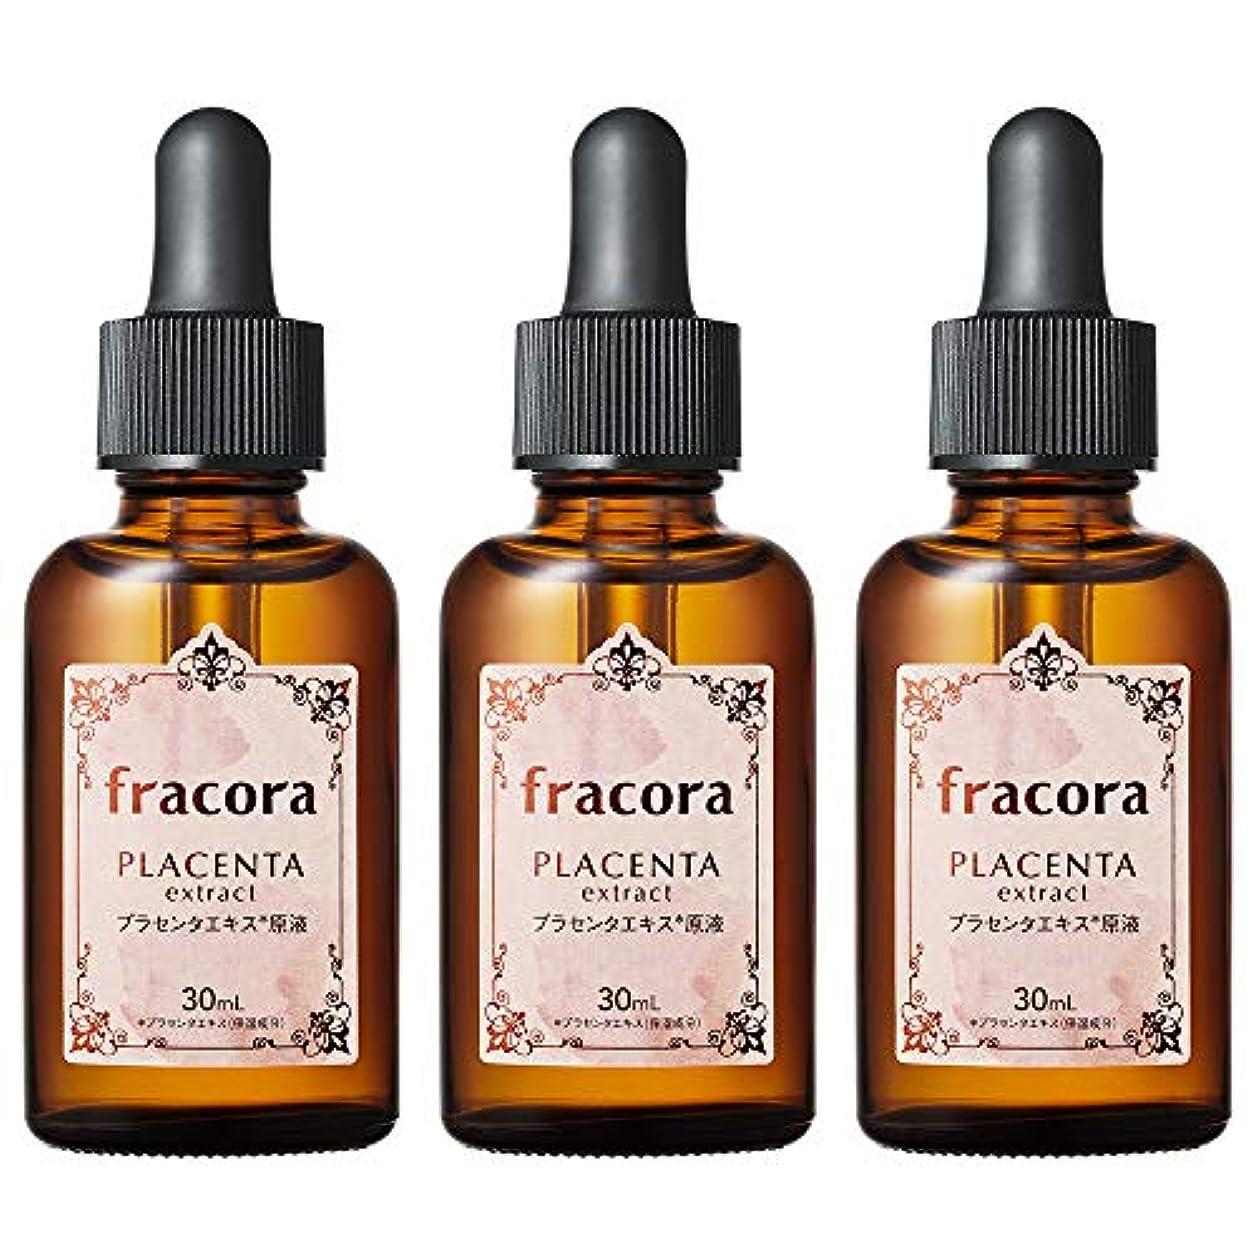 爆風うれしい資源フラコラ fracora プラセンタエキス原液 30mL (3本セット)